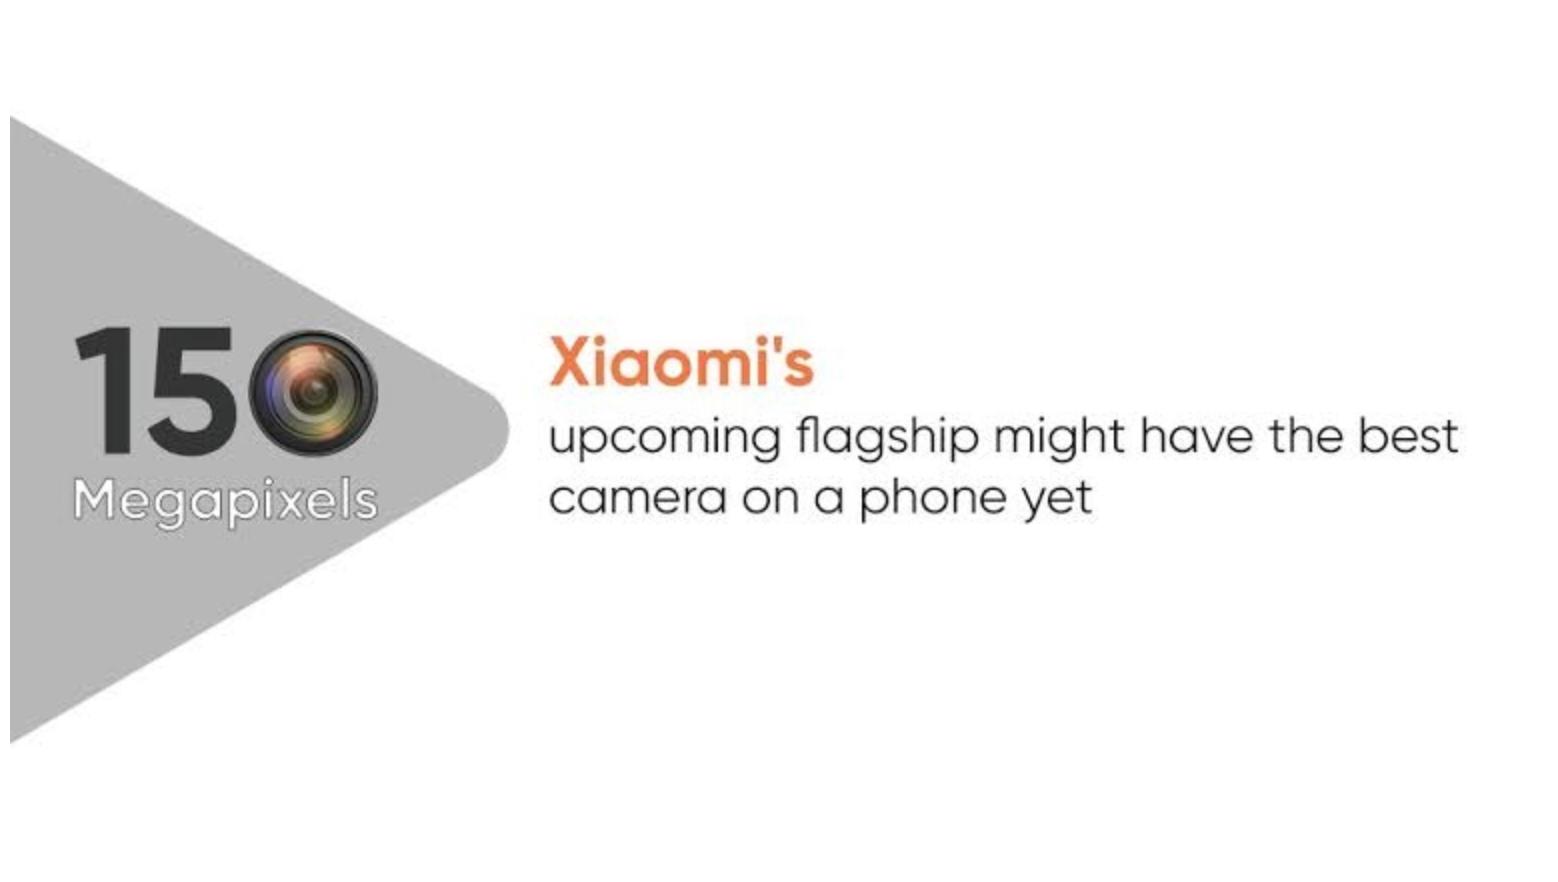 Xiaomi đang làm việc trên điện thoại thông minh đầu tiên trên thế giới với camera 150 MP, được ra mắt vào quý 4 năm 2020 2